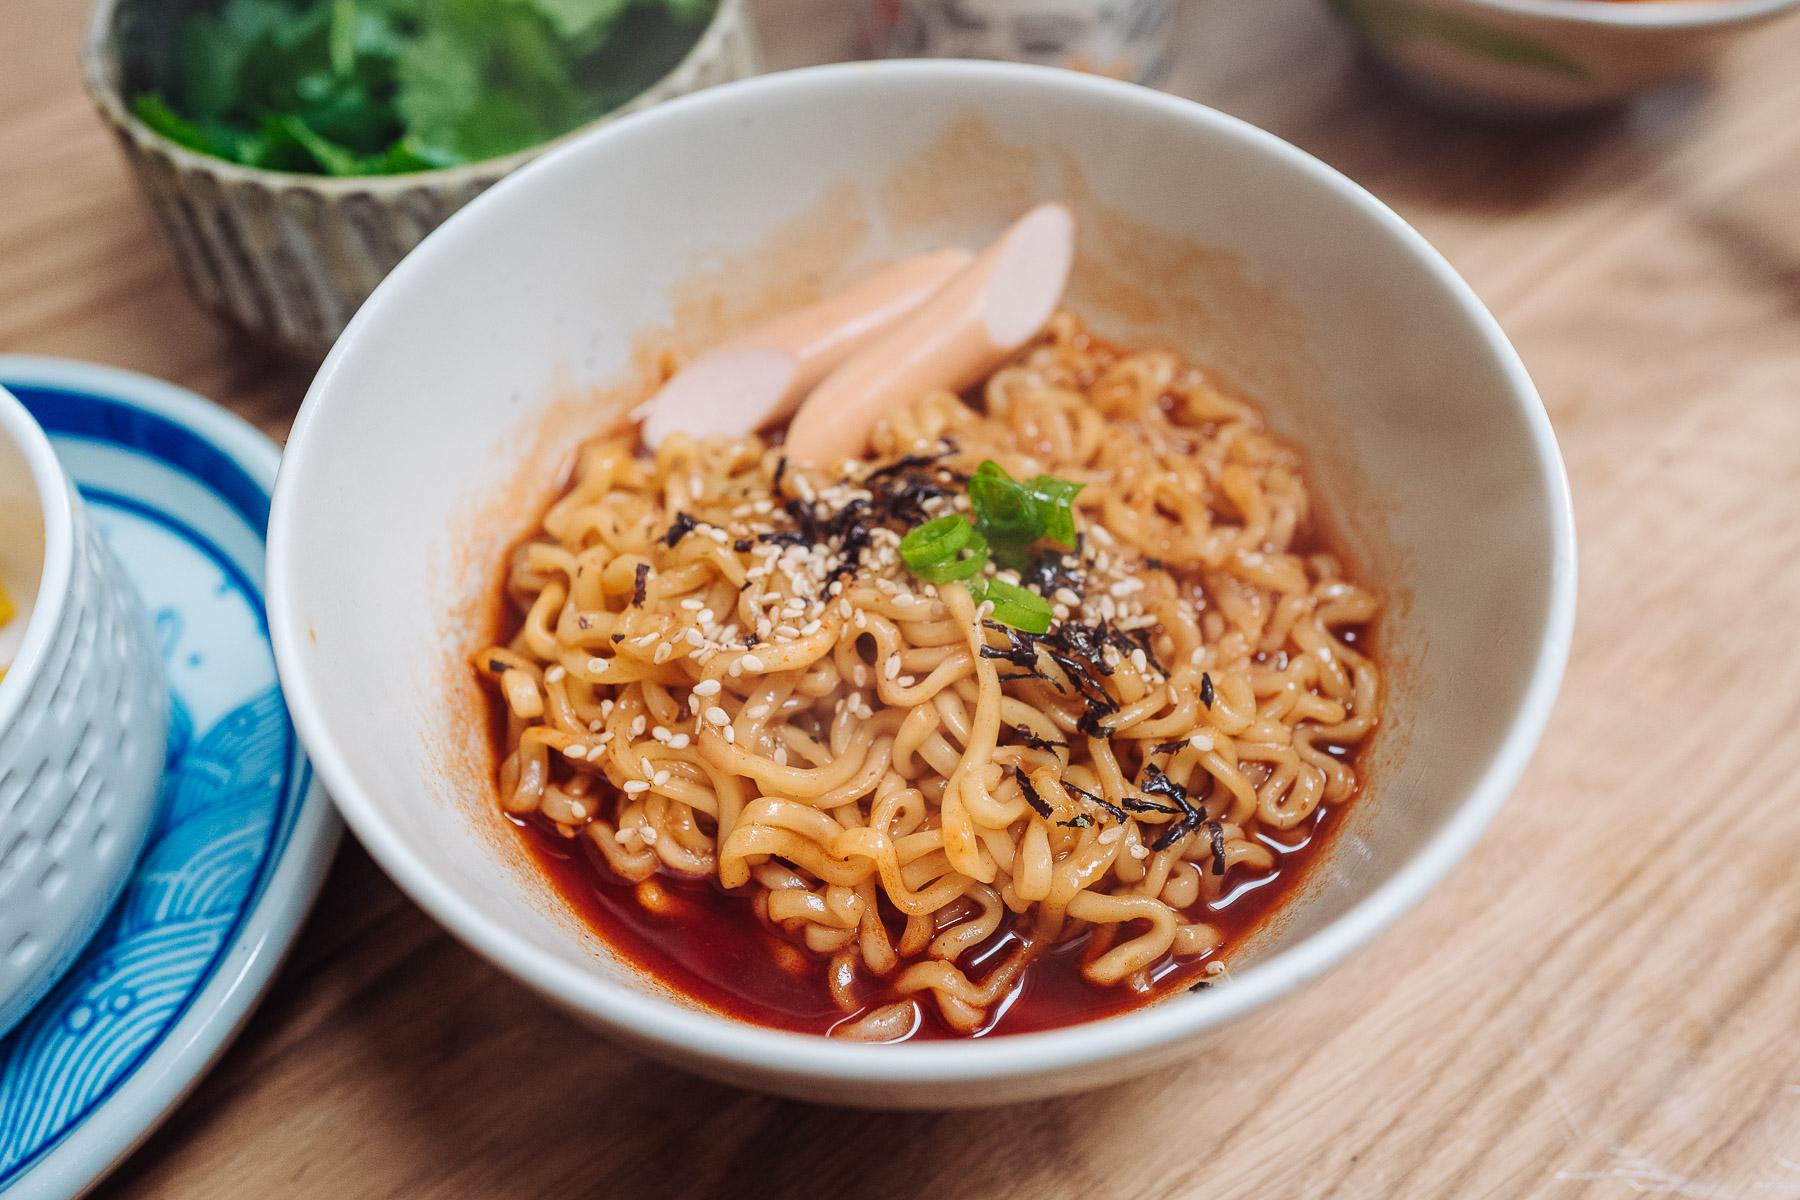 Samyang 2x Spicy Hot Chicken Flavour Ramen